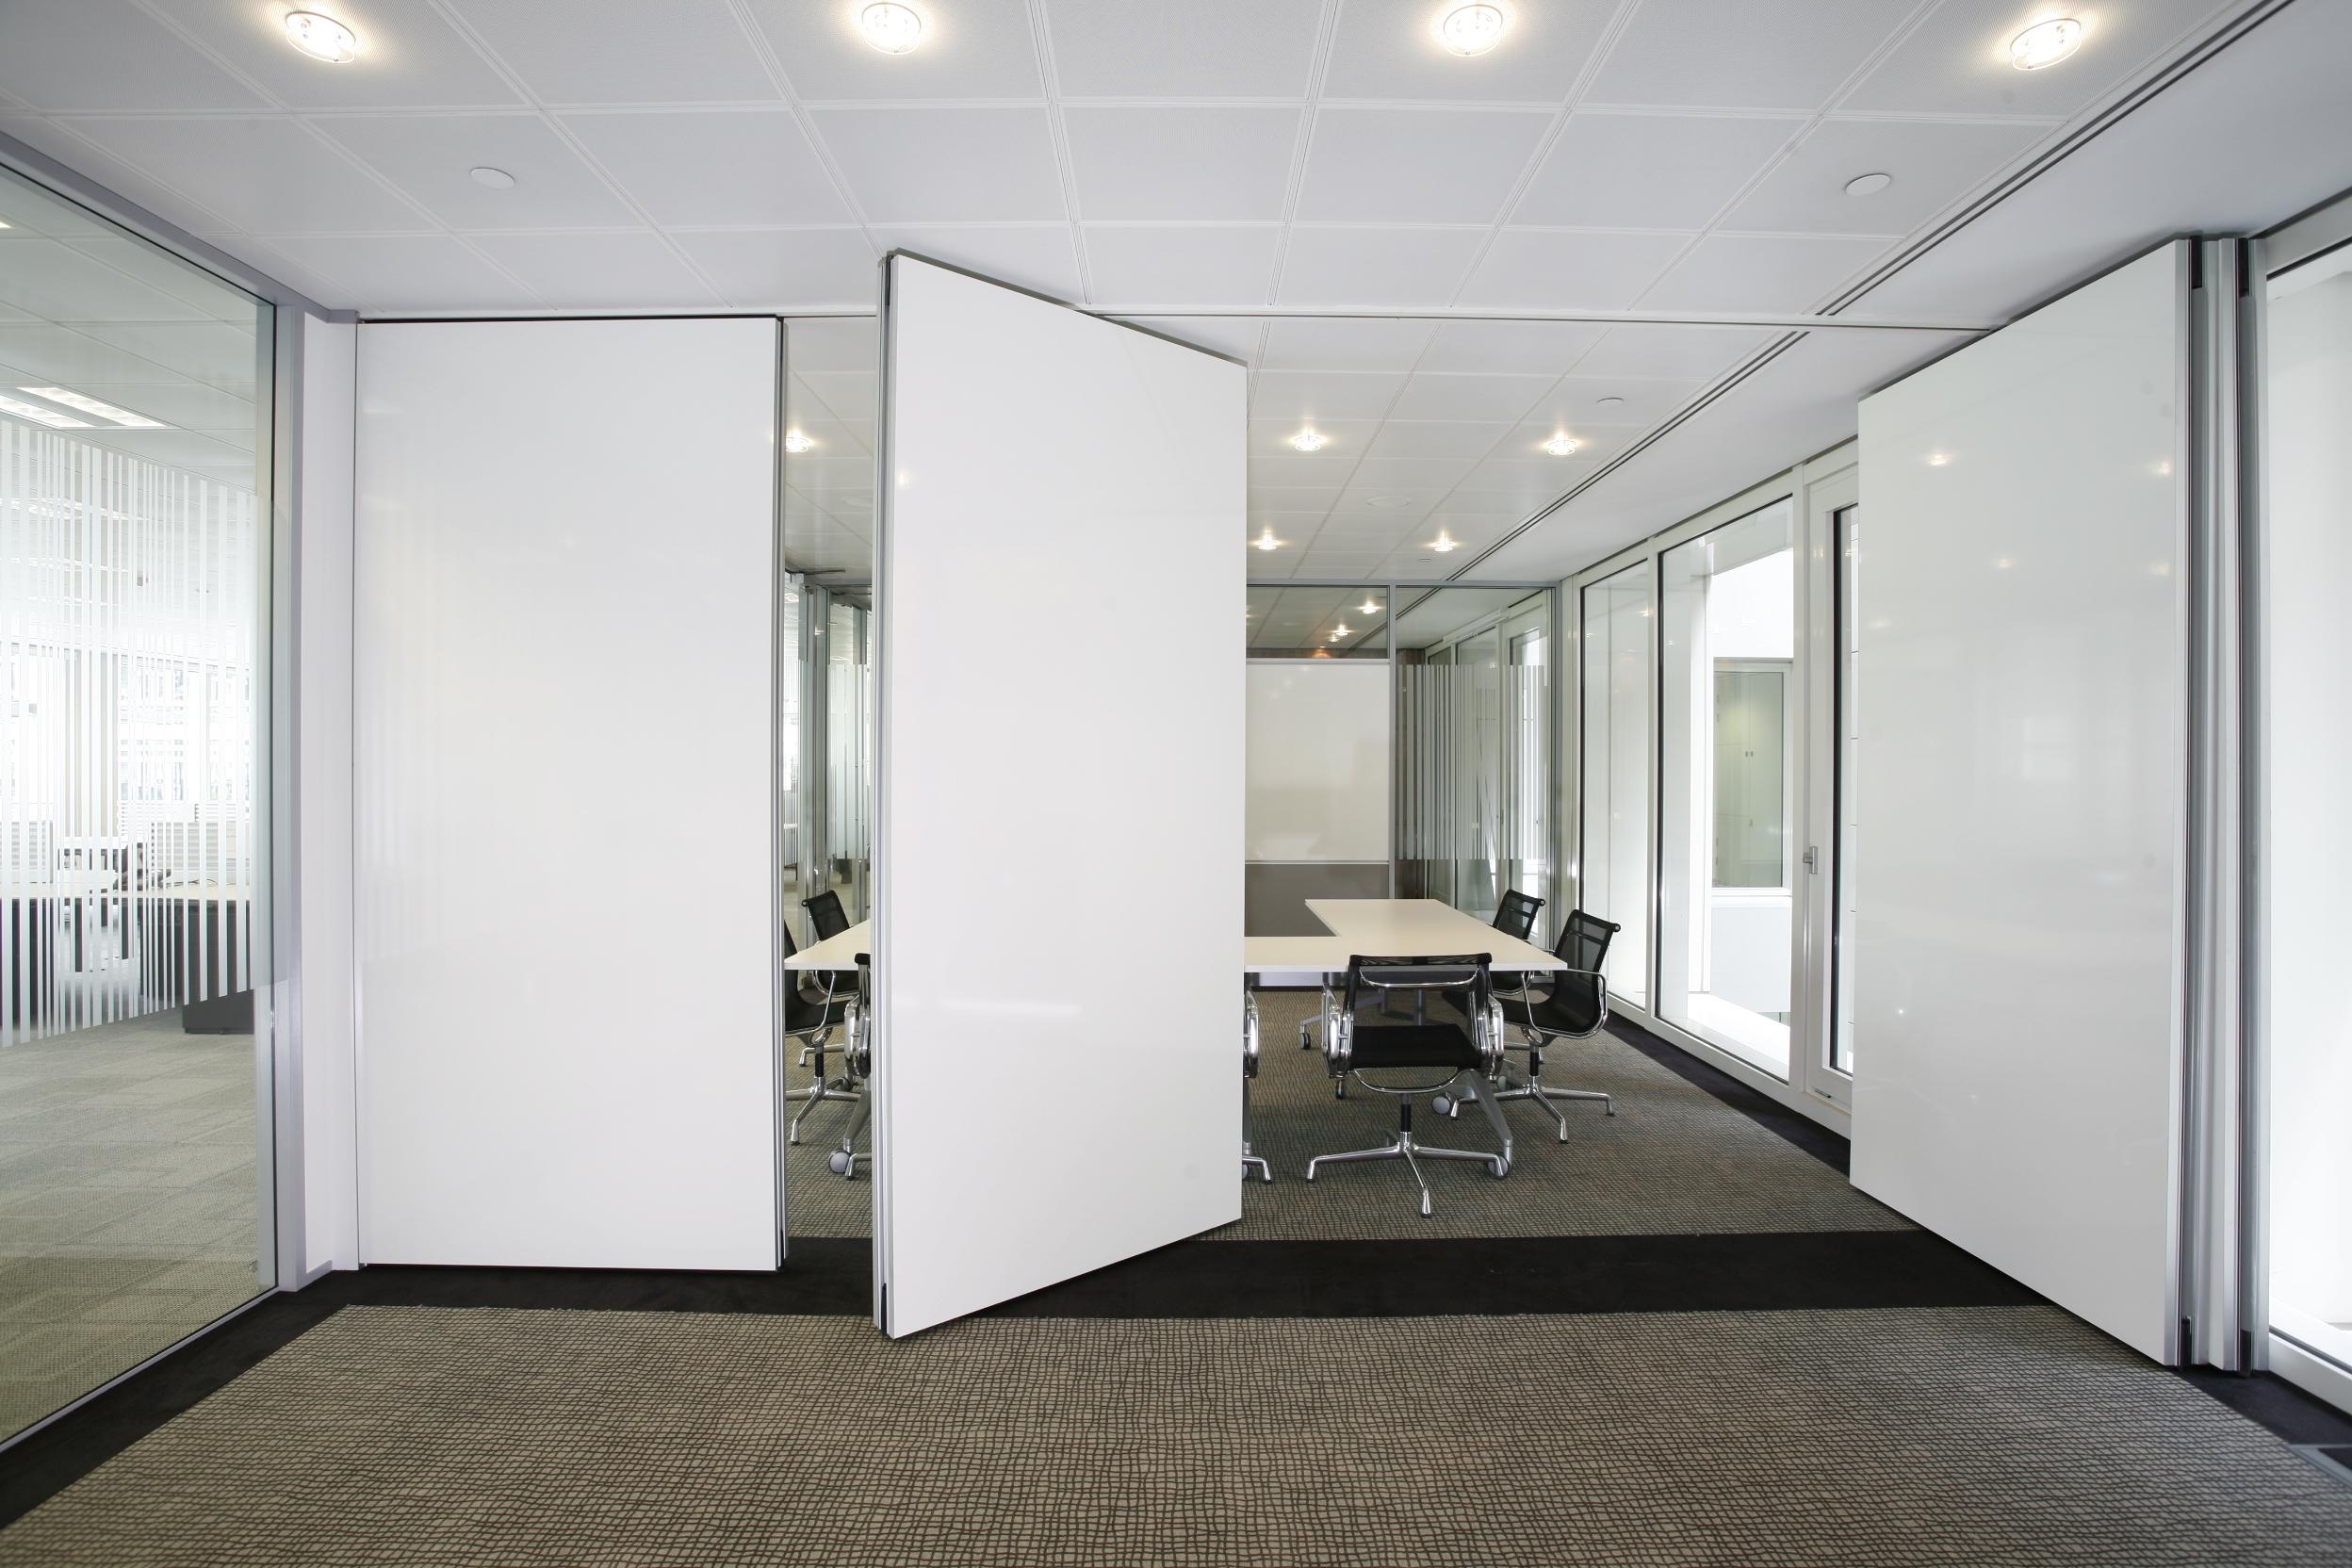 ... - Le Pareti divisorie - Modelli e materiali per le pareti mobili